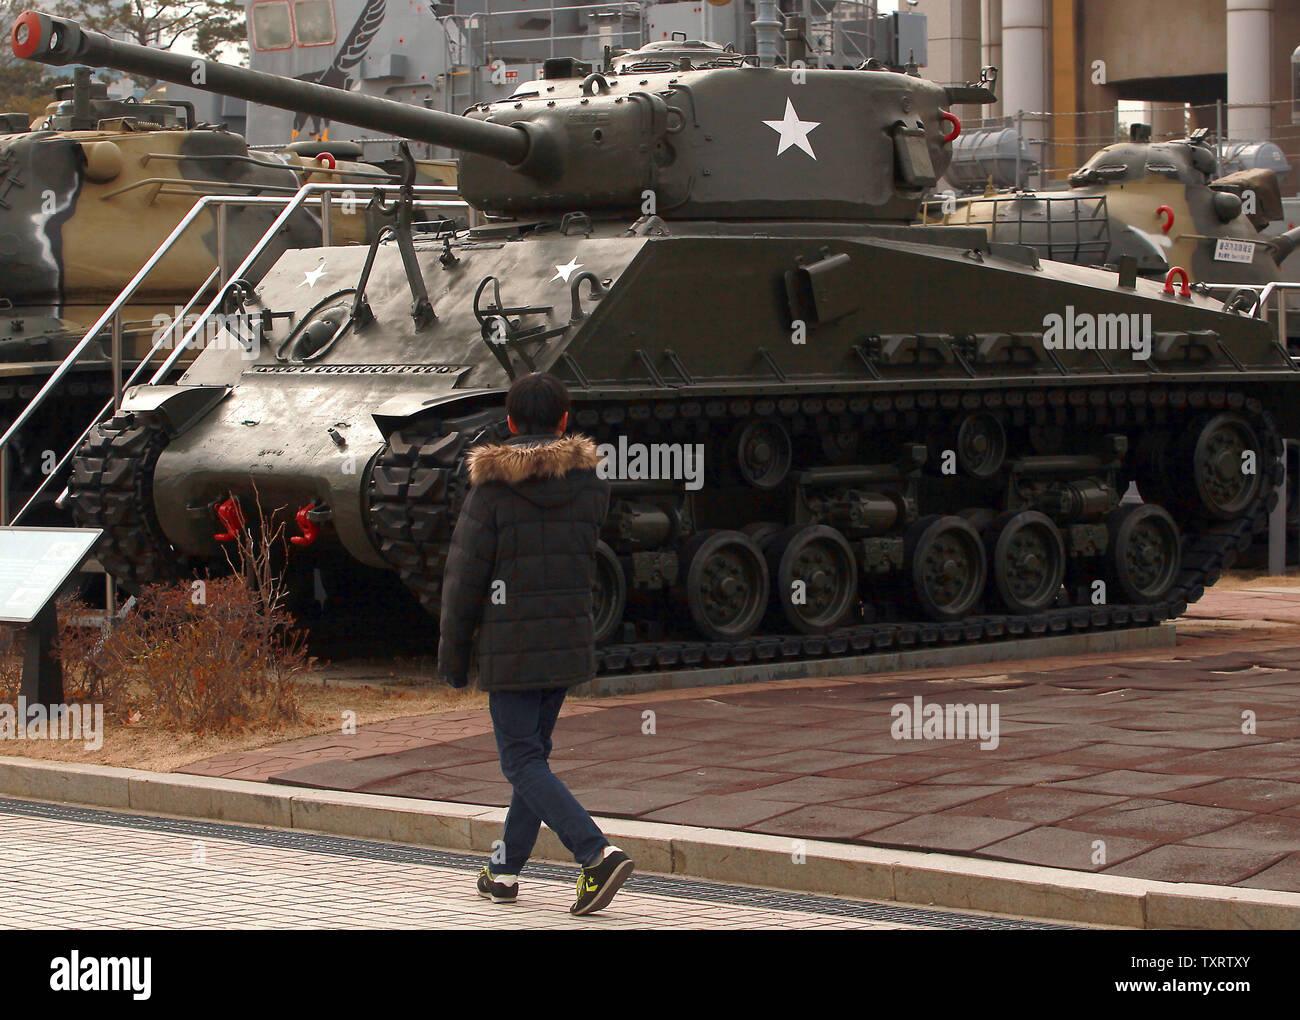 """Una de Corea del Sur camina por un tanque Sherman en exhibición en el Monumento a los caídos en la guerra de Corea en Seúl el 28 de enero de 2013. Corea del Norte dijo la semana pasada que planea llevar a cabo un nuevo ensayo nuclear y más lanzamientos de cohetes de largo alcance, que se dice son parte de una nueva fase de enfrentamiento con los Estados Unidos. Corea del Norte también advirtió de la posibilidad de """"fuertes medidas contra-física"""" contra Corea del Sur si admite el endurecimiento de las sanciones de la ONU. UPI/Stephen afeitadora Foto de stock"""